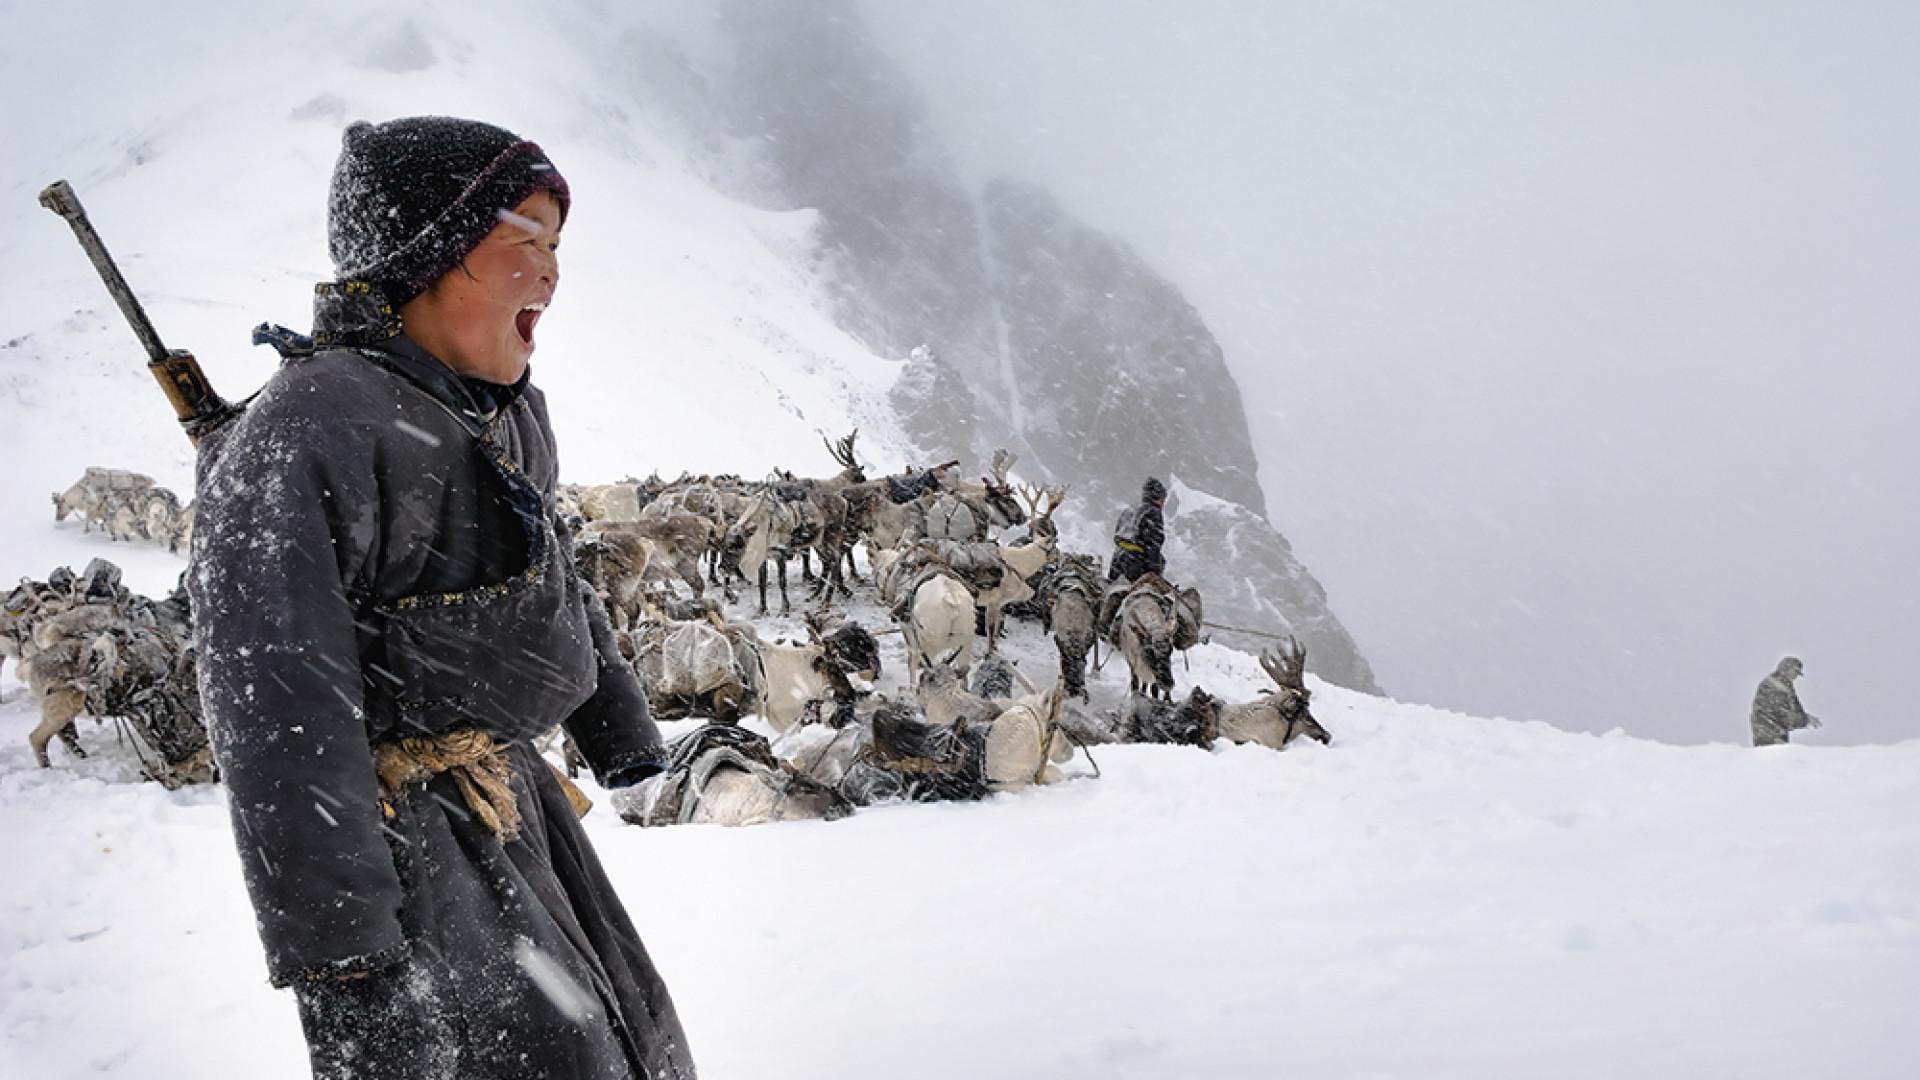 Boy shouting while taking reindeer out Kosgholgonduk Pass, Mongolia